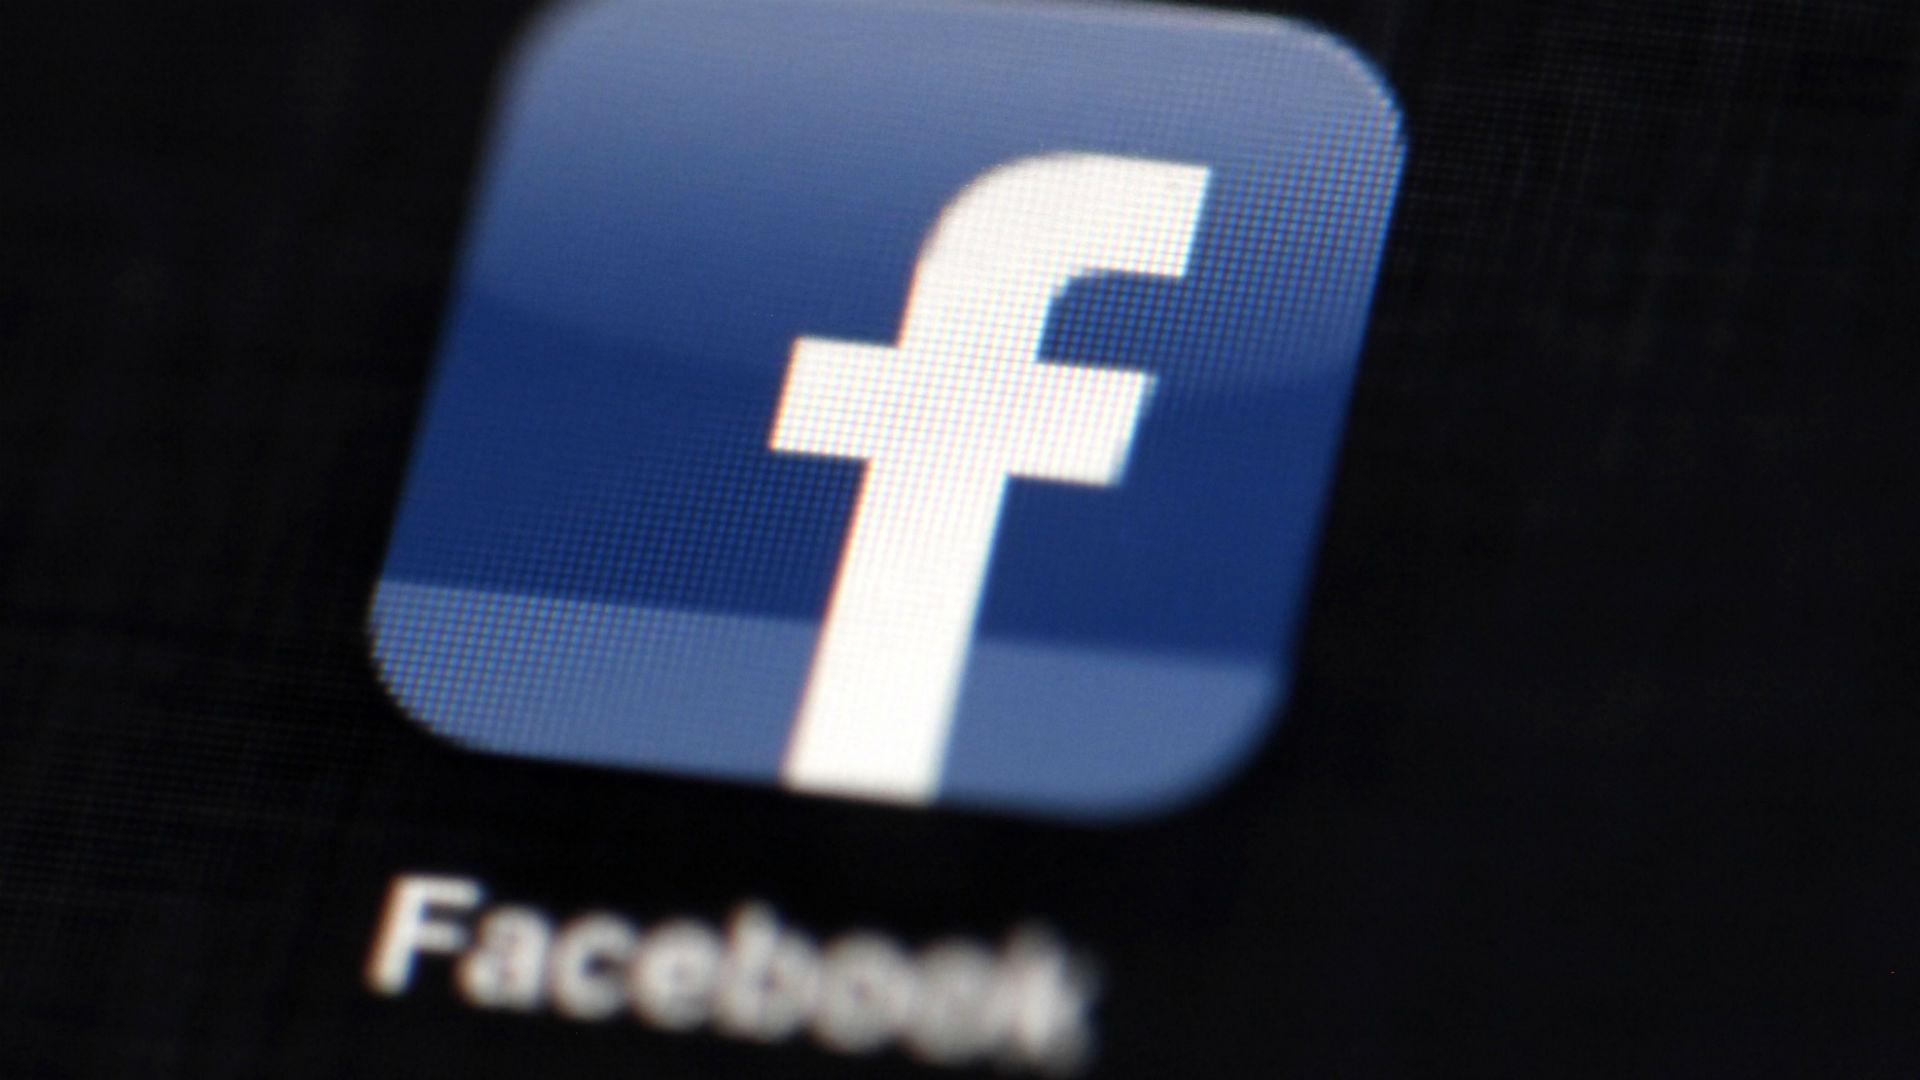 Aunque advirtió a los inversores sobre los efectos negativos del escándalo de Cambridge Analytica, Facebooksigue sin considerarlo una filtración de datos.